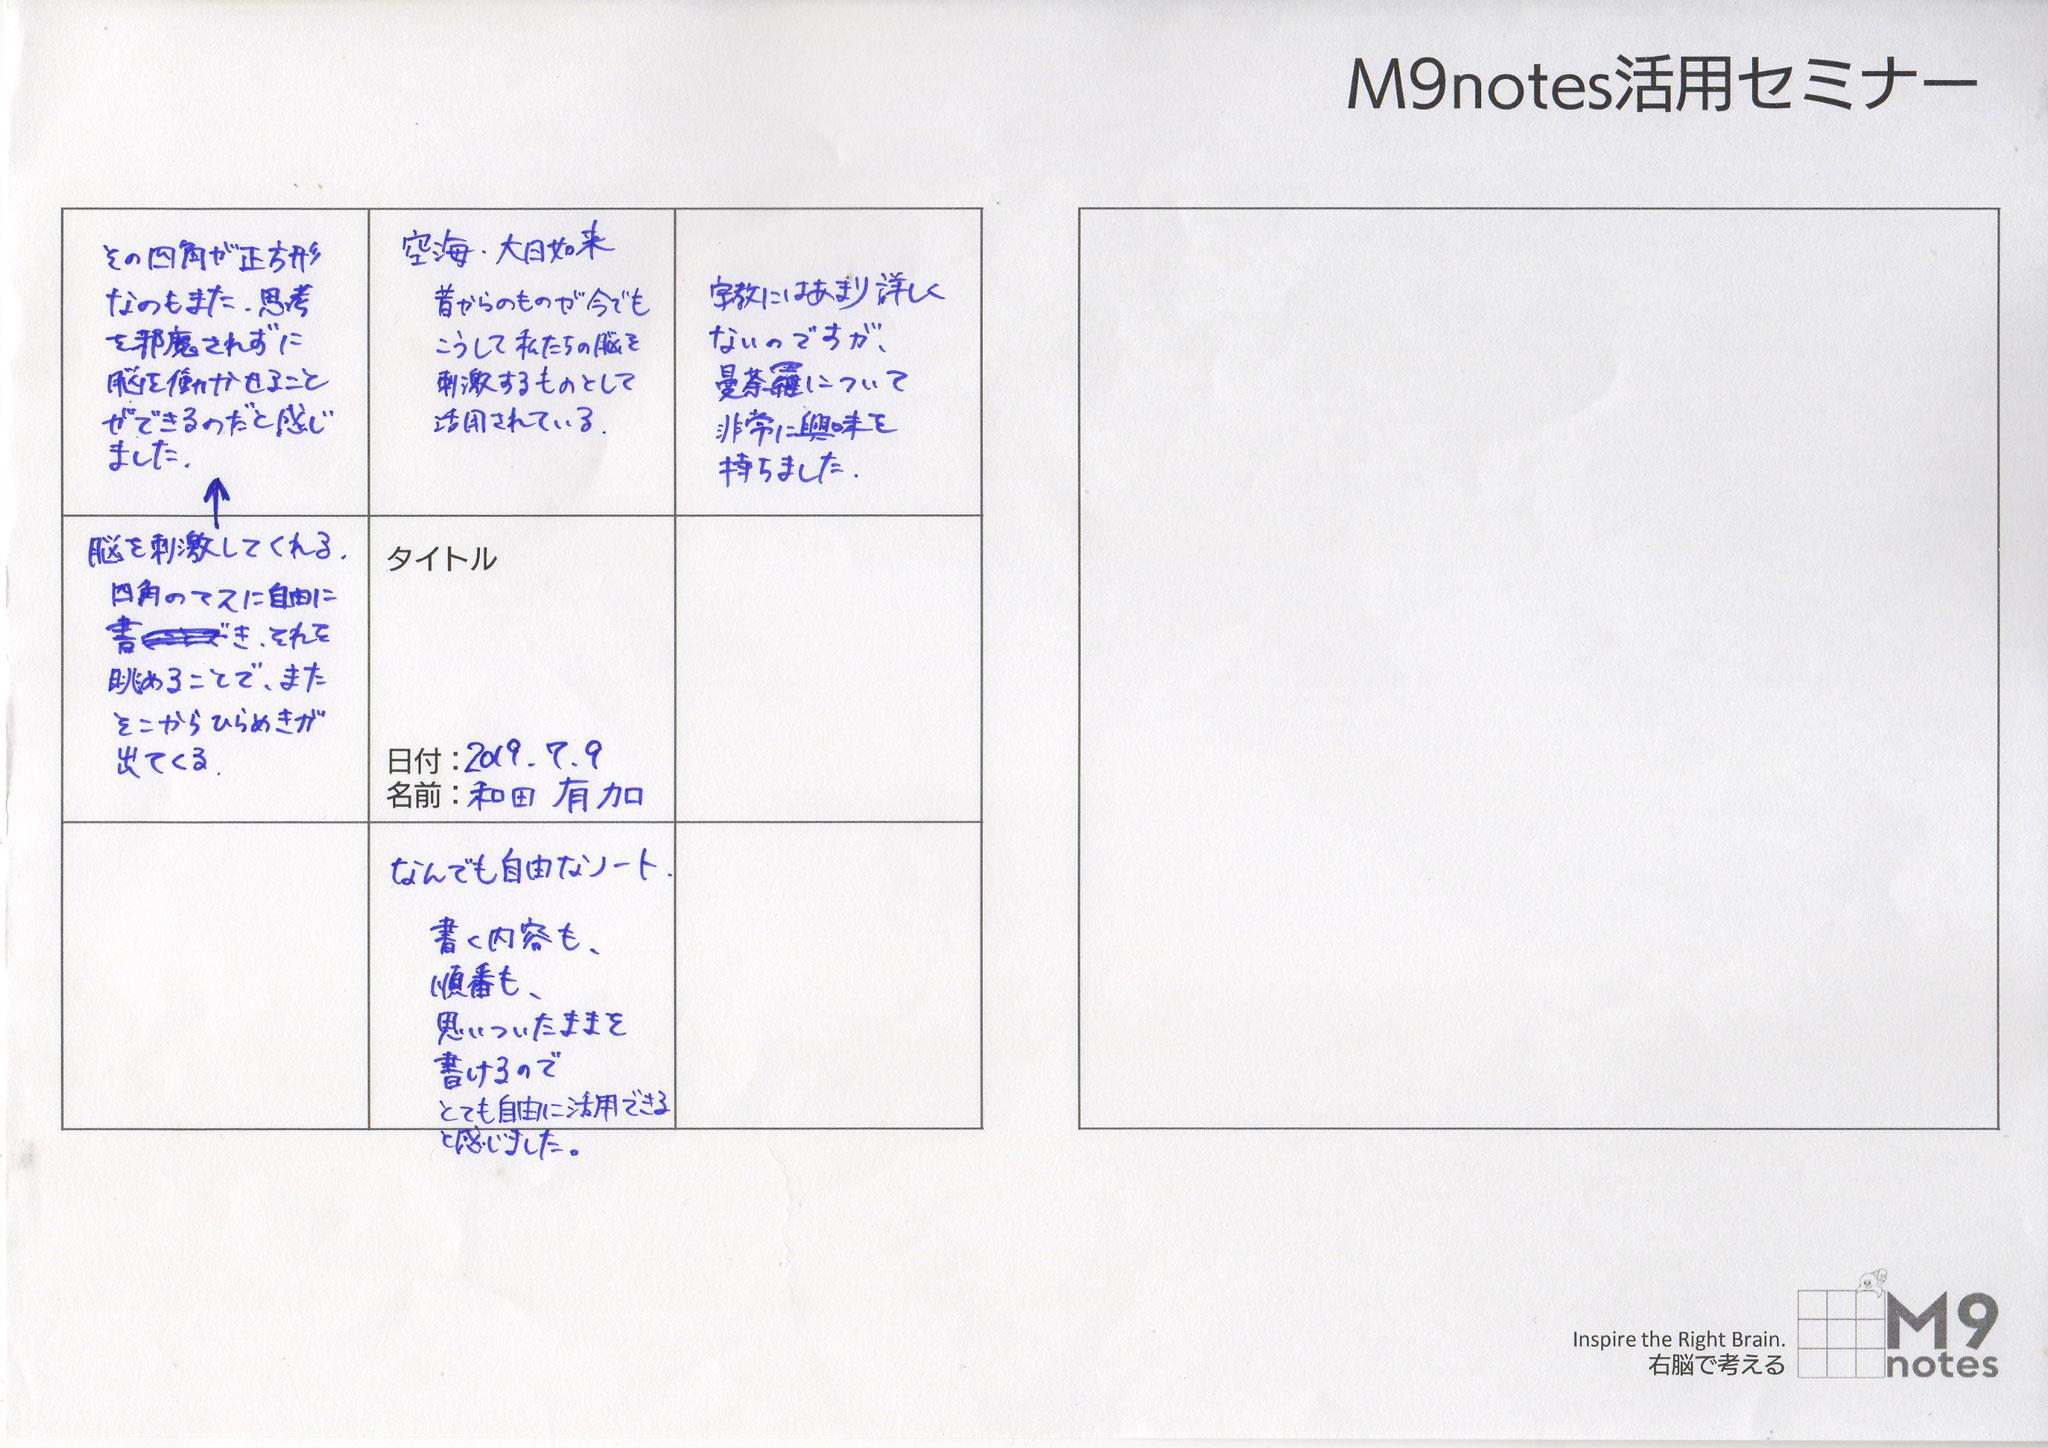 M9notes活用セミナーの感想文(和田有加さま)